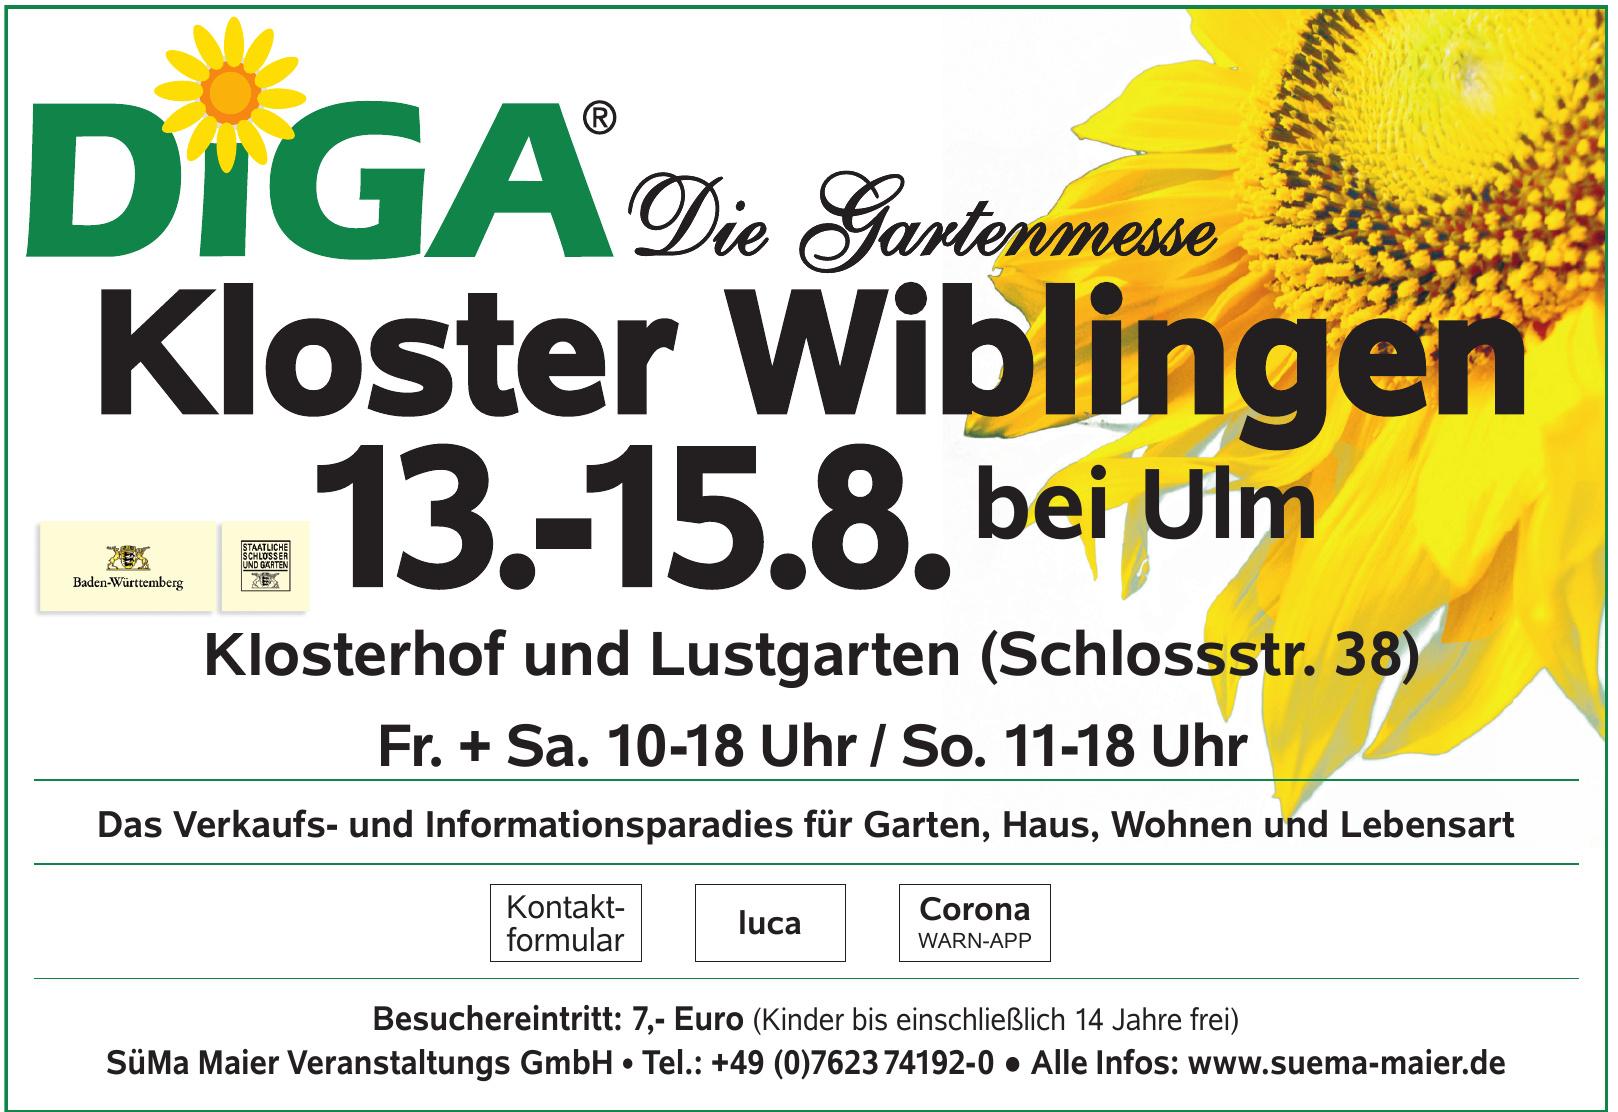 SüMa Maier Veranstaltungs GmbH